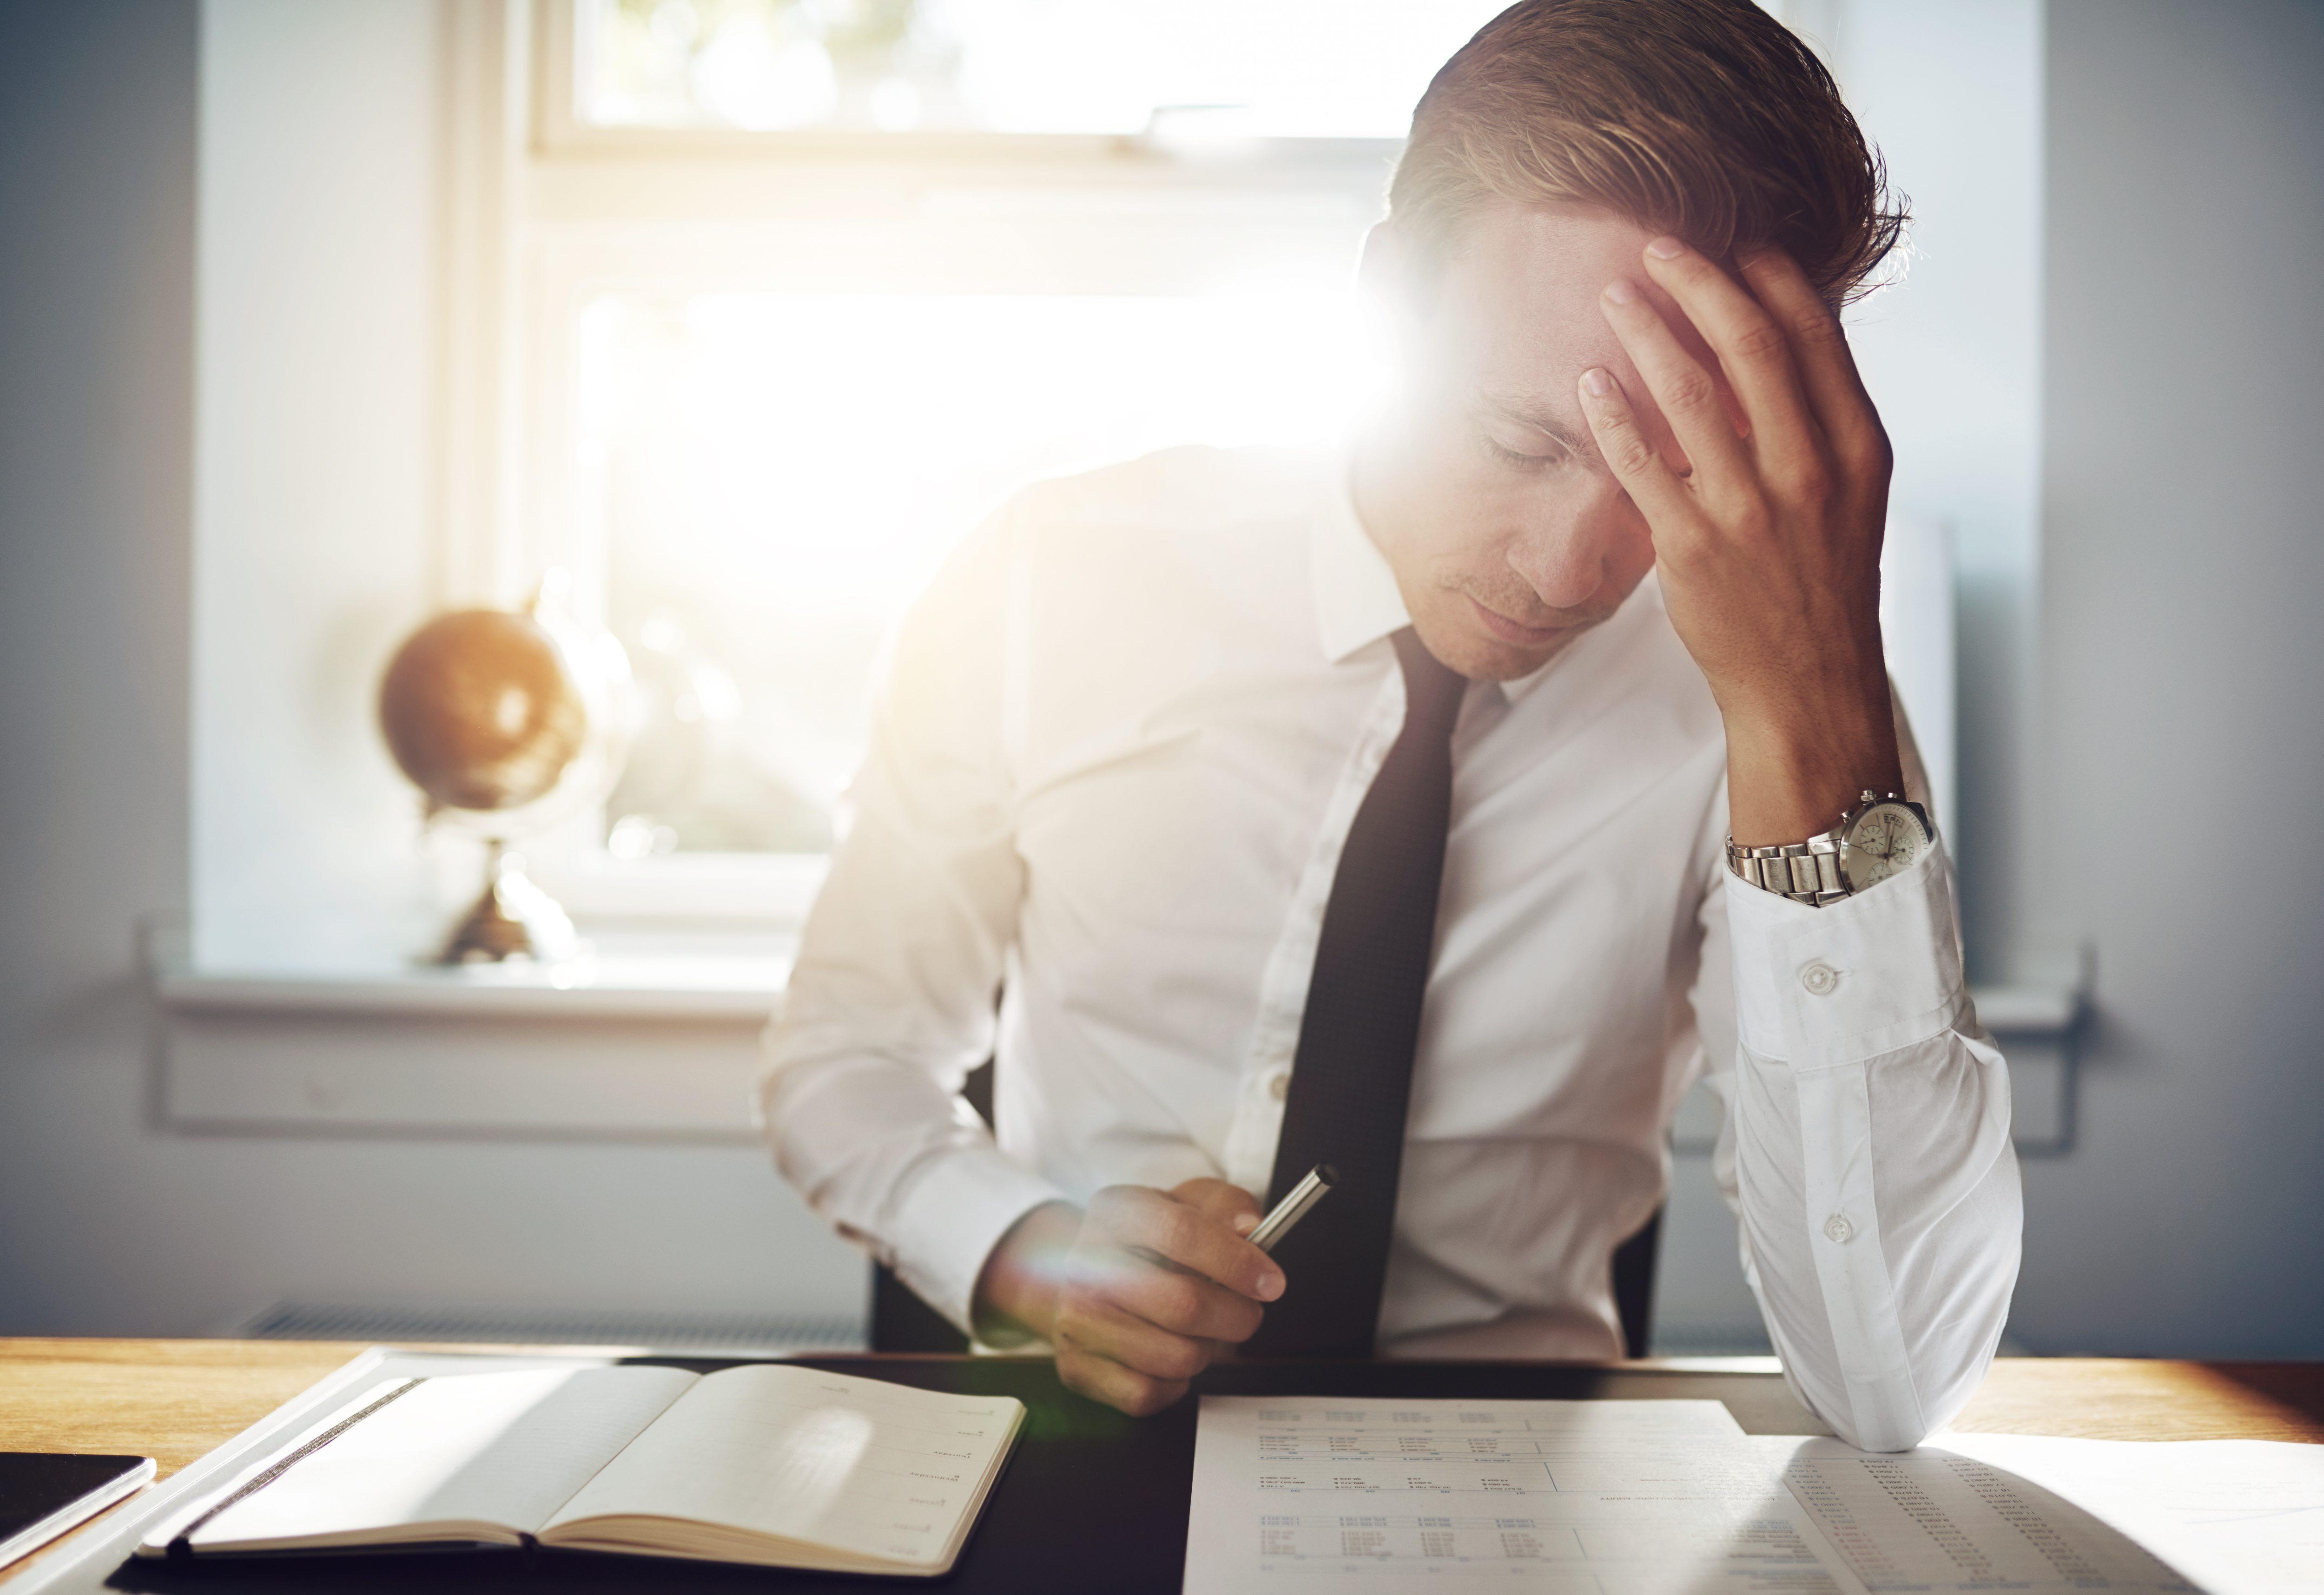 La responsabilidad solidaria del administrador por la no disolución de la sociedad en situación de pérdidas cuando se halla en fase concursal.